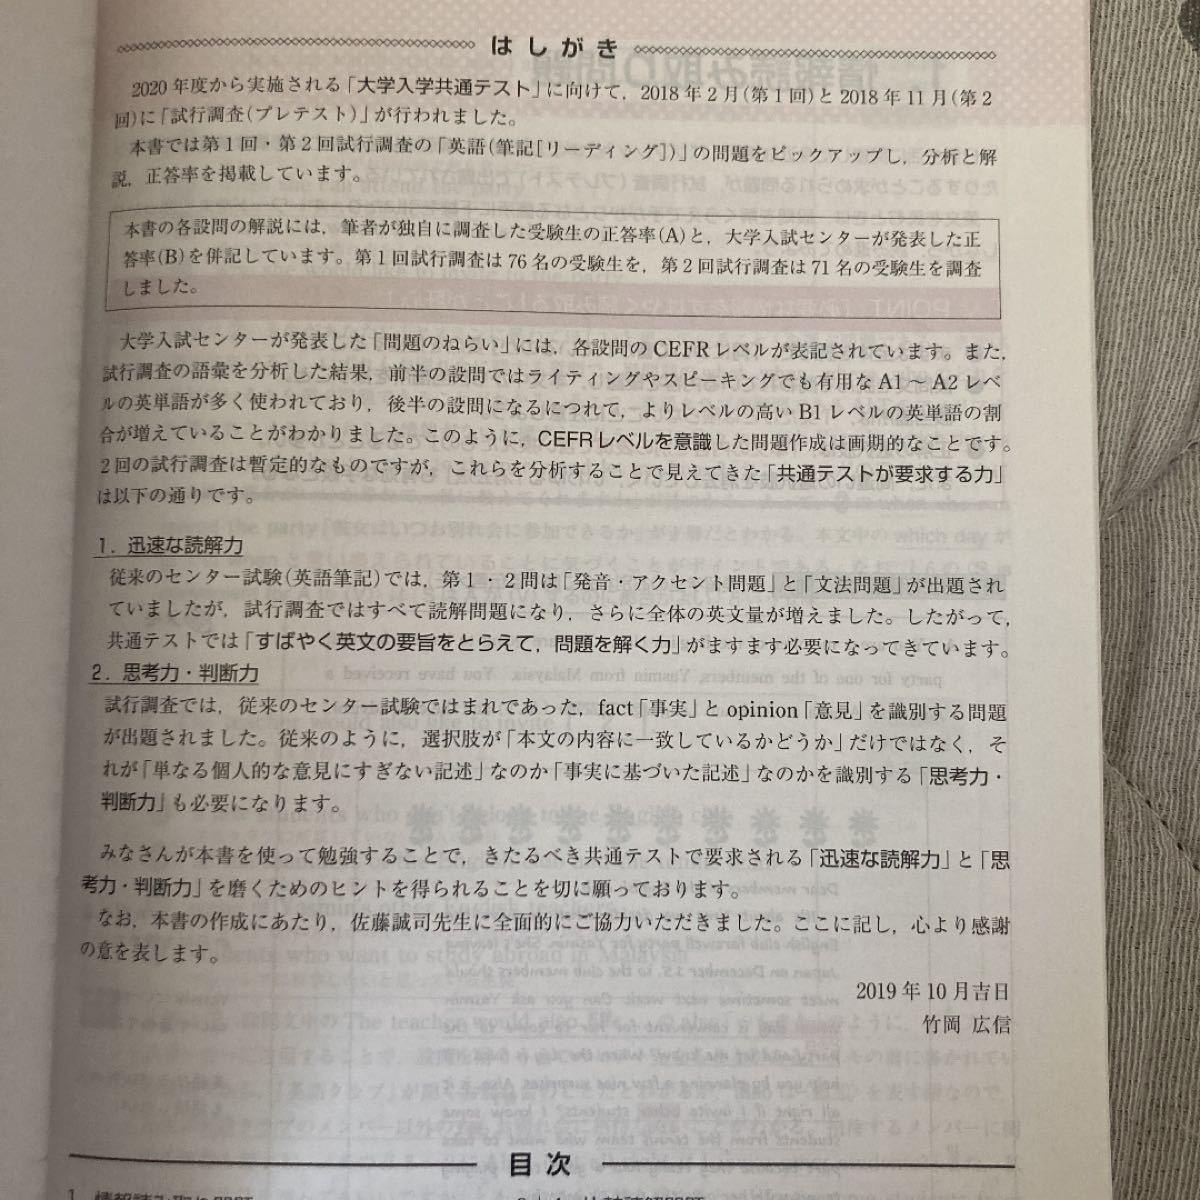 共通テスト 必携ガイドブック リーディング編 英語 共通テスト対策 問題集